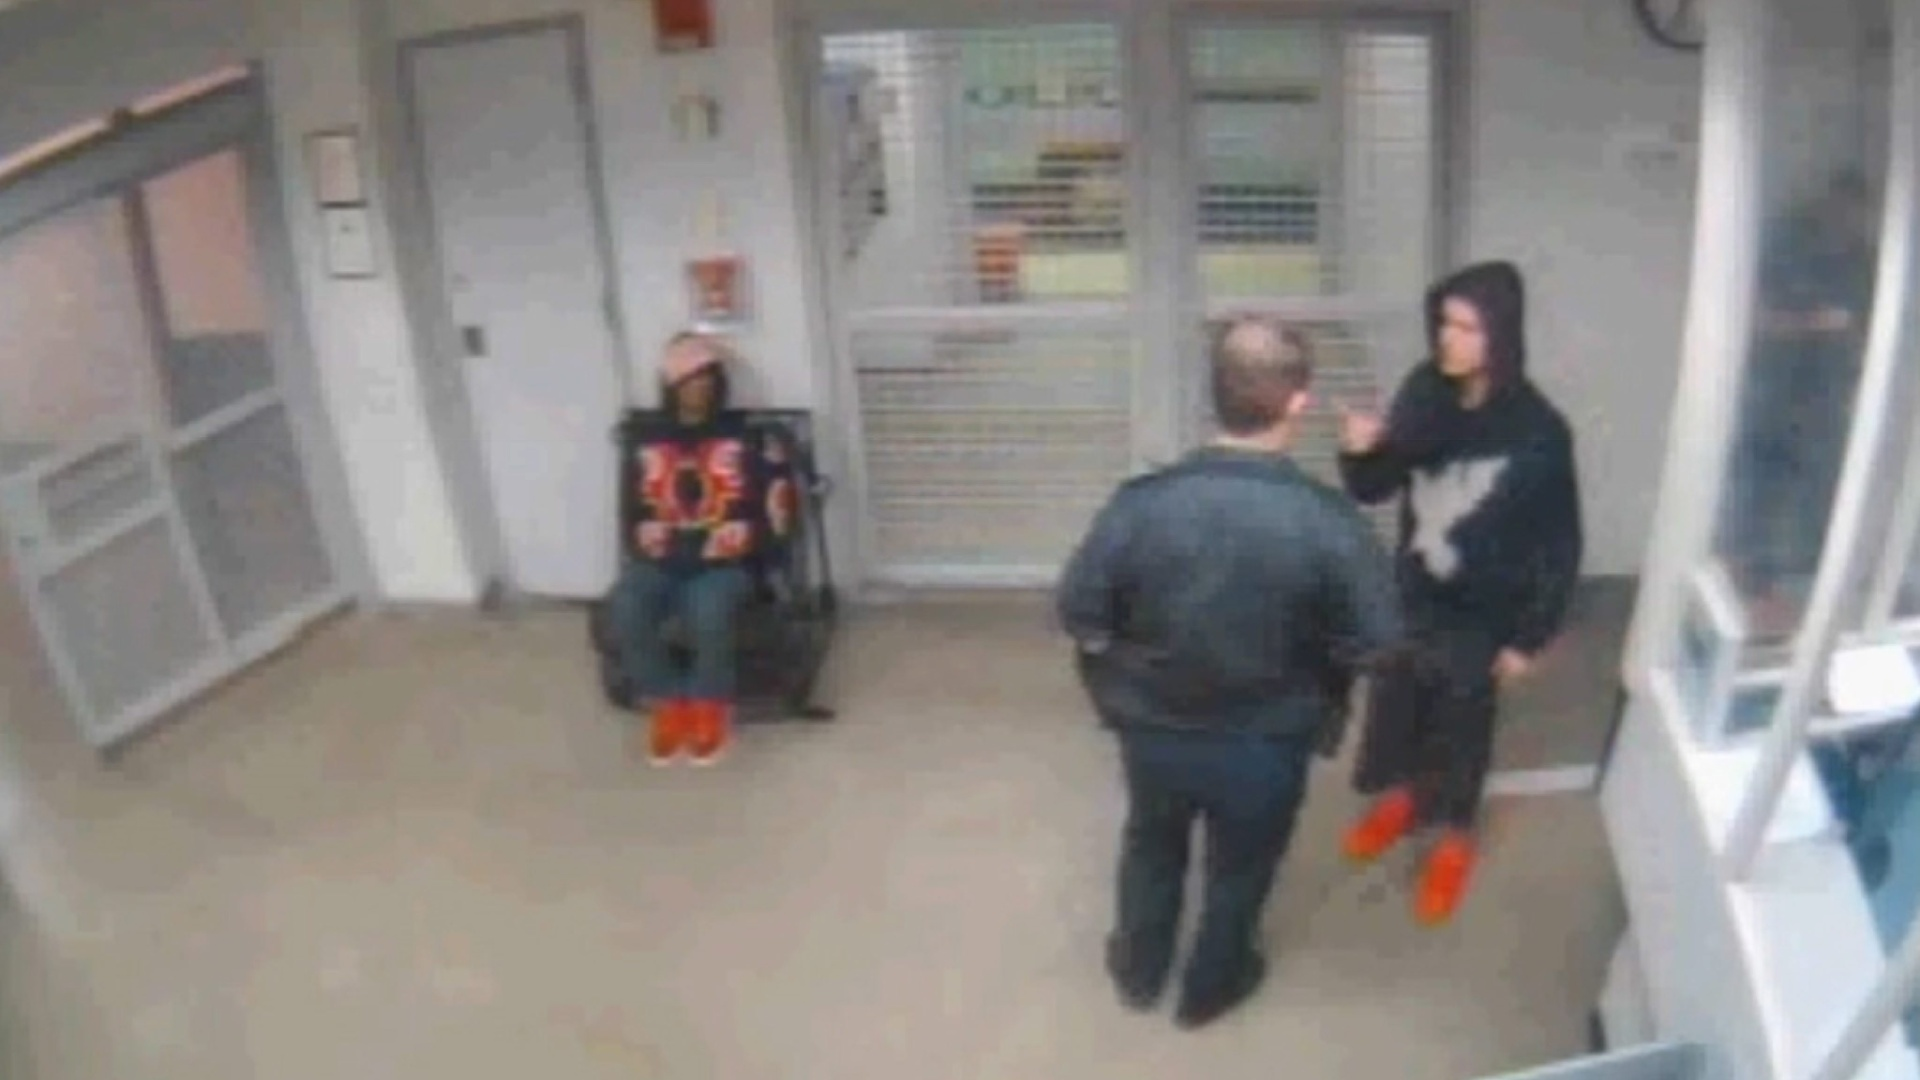 26.fev.2014 - Imagem cedida pelo Departamento de Polícia de Miami mostra o cantor canadense Justin Biber (à dir.) durante teste para determinar embriaguez, depois de sua prisão em Miami Beach, na Flórida